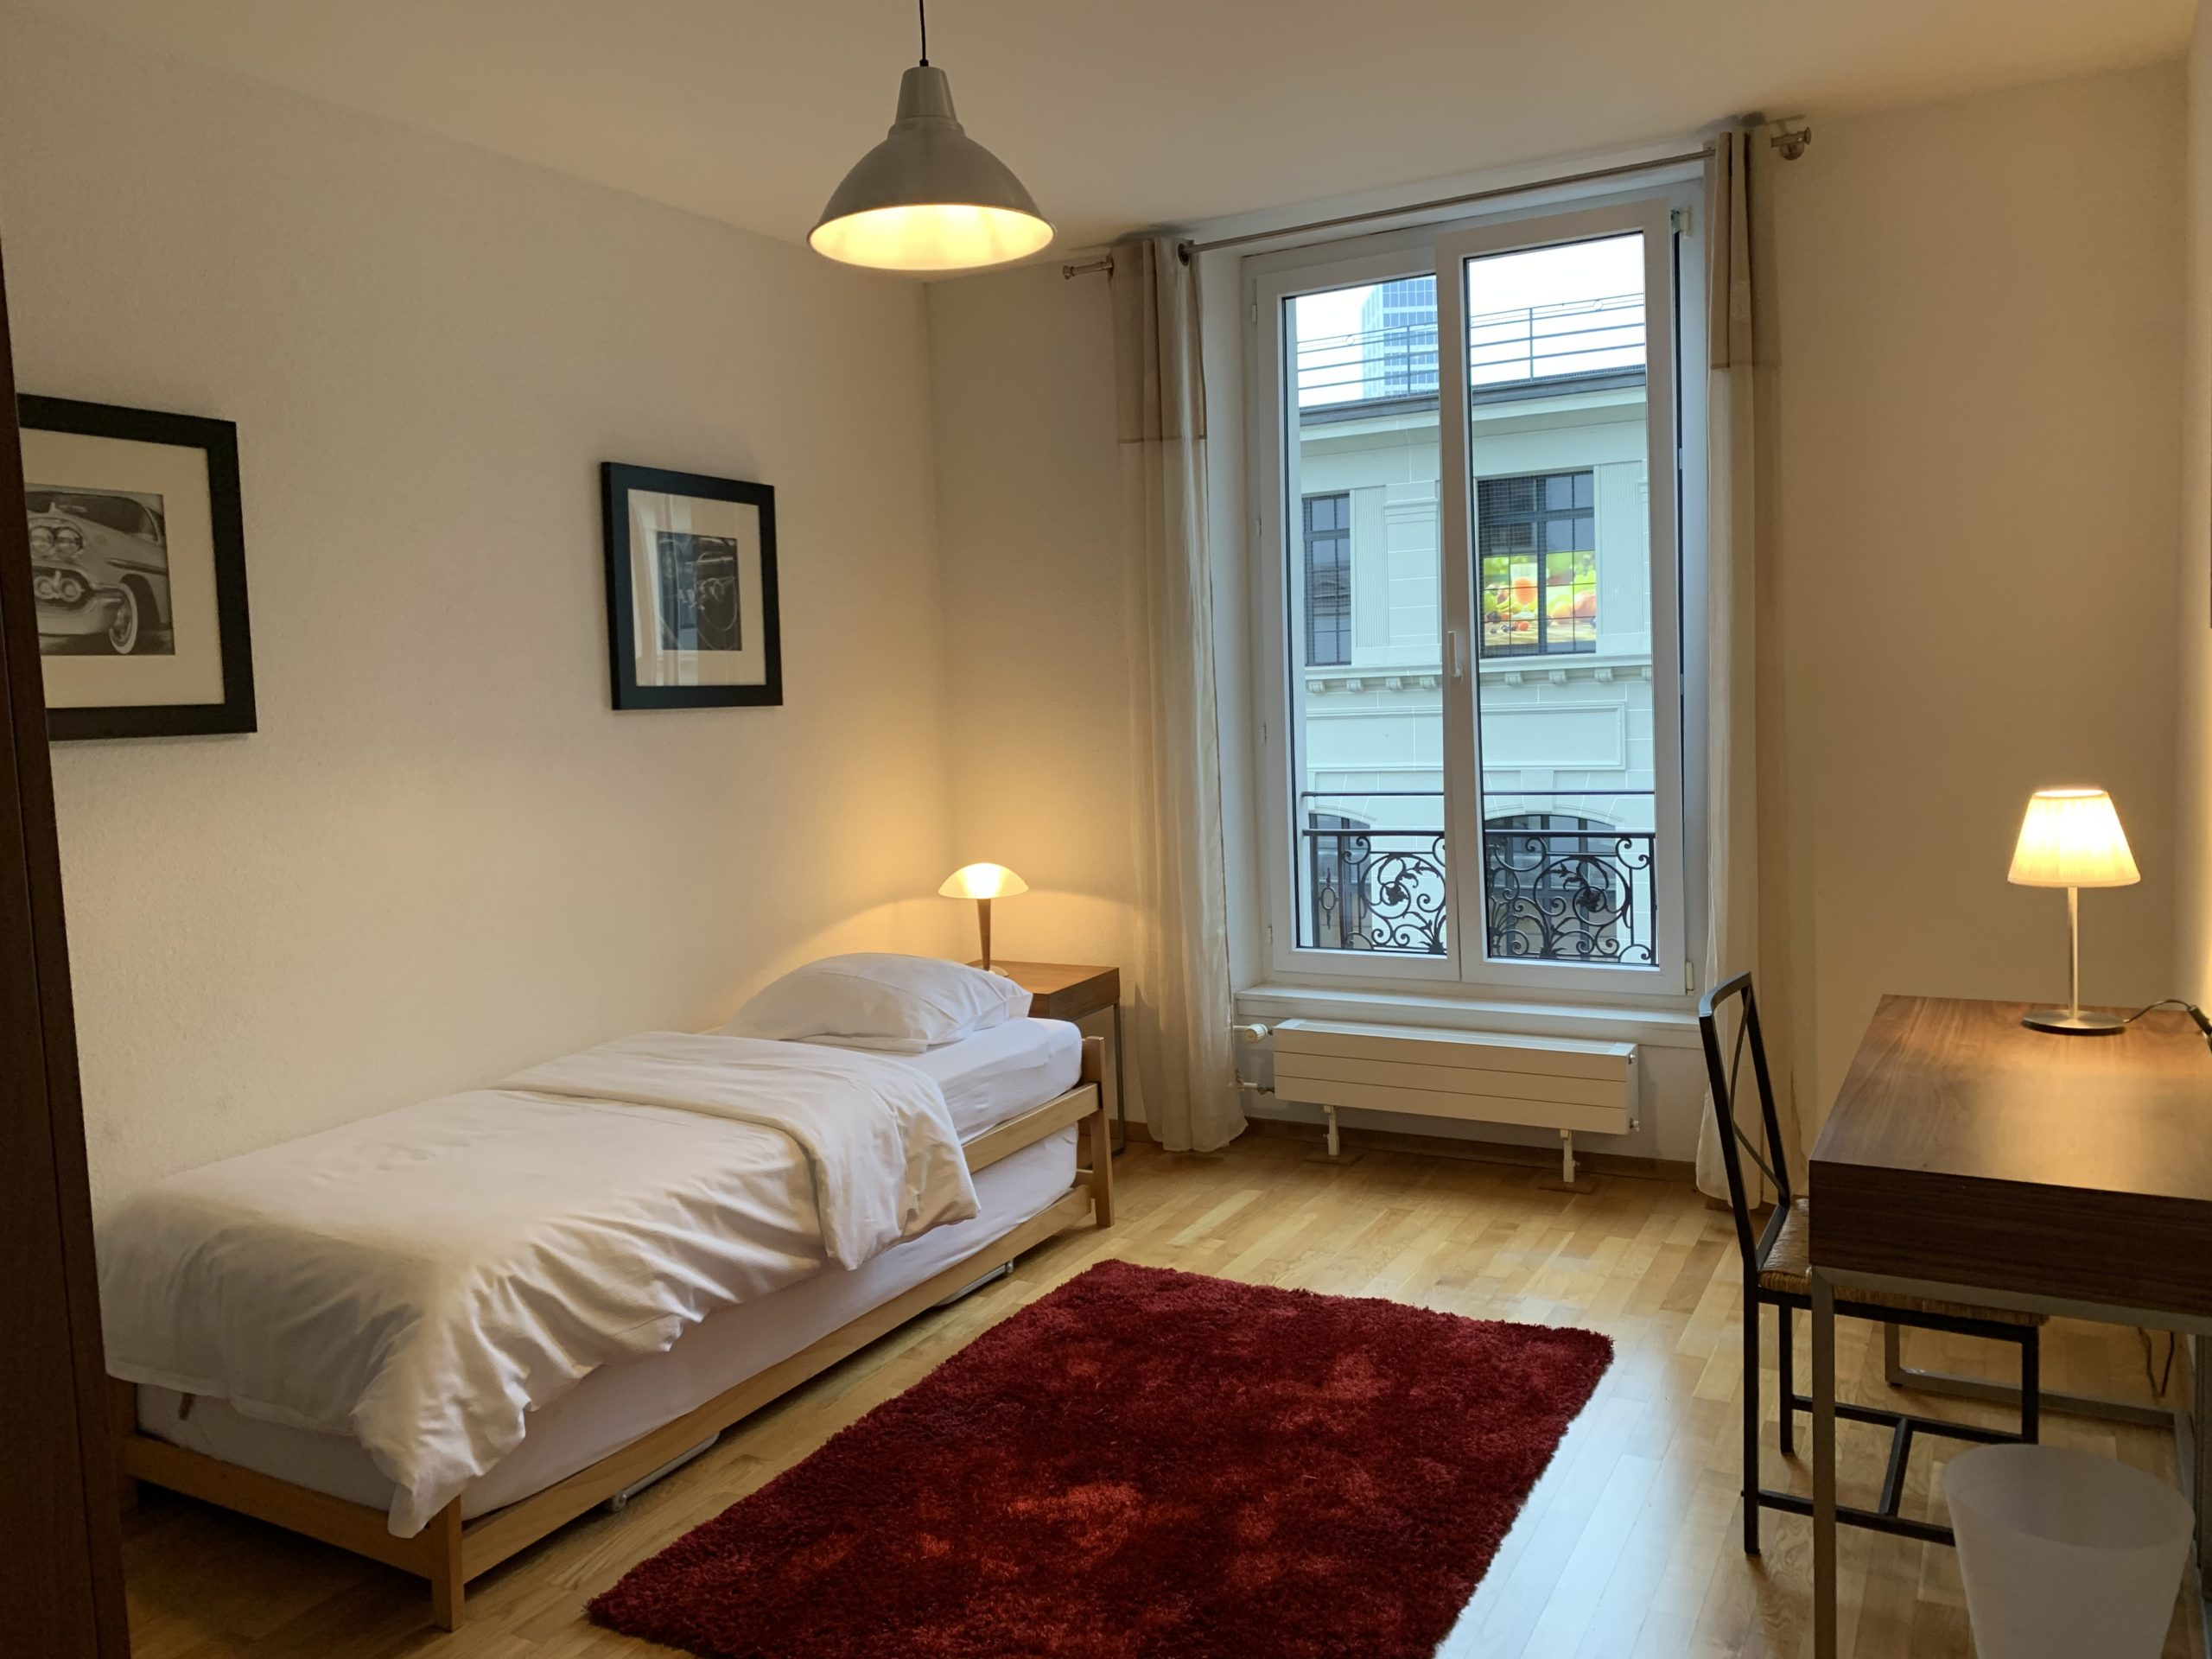 Ch. du Closelet 4, Lausanne - 3,5 pièces - Lot 21 13